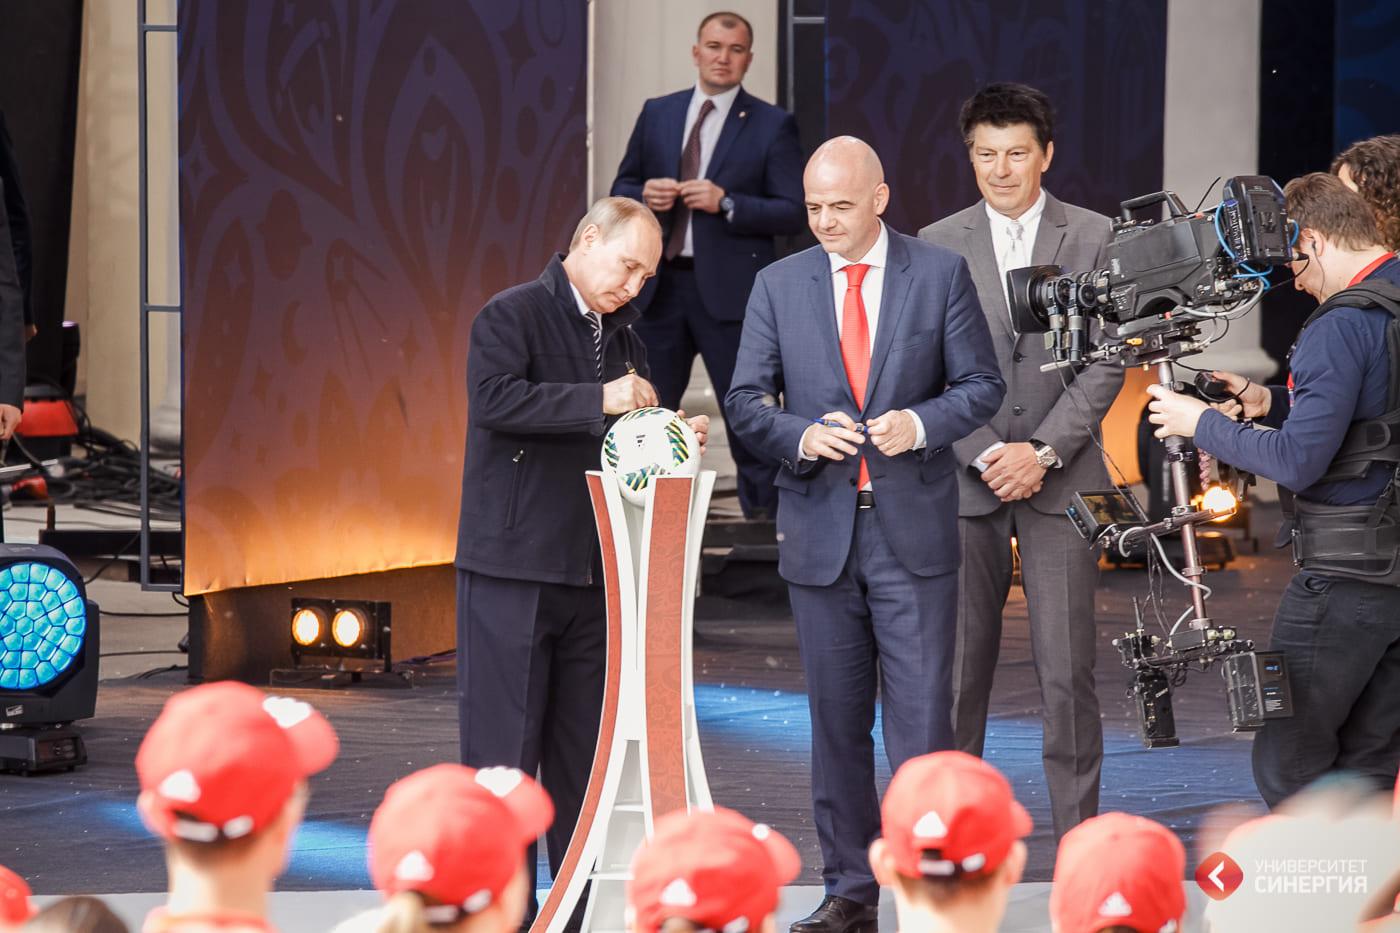 Волонтёры Университета «Синергия» приняли участие в организации Чемпионата мира по футболу FIFA 2018 в России